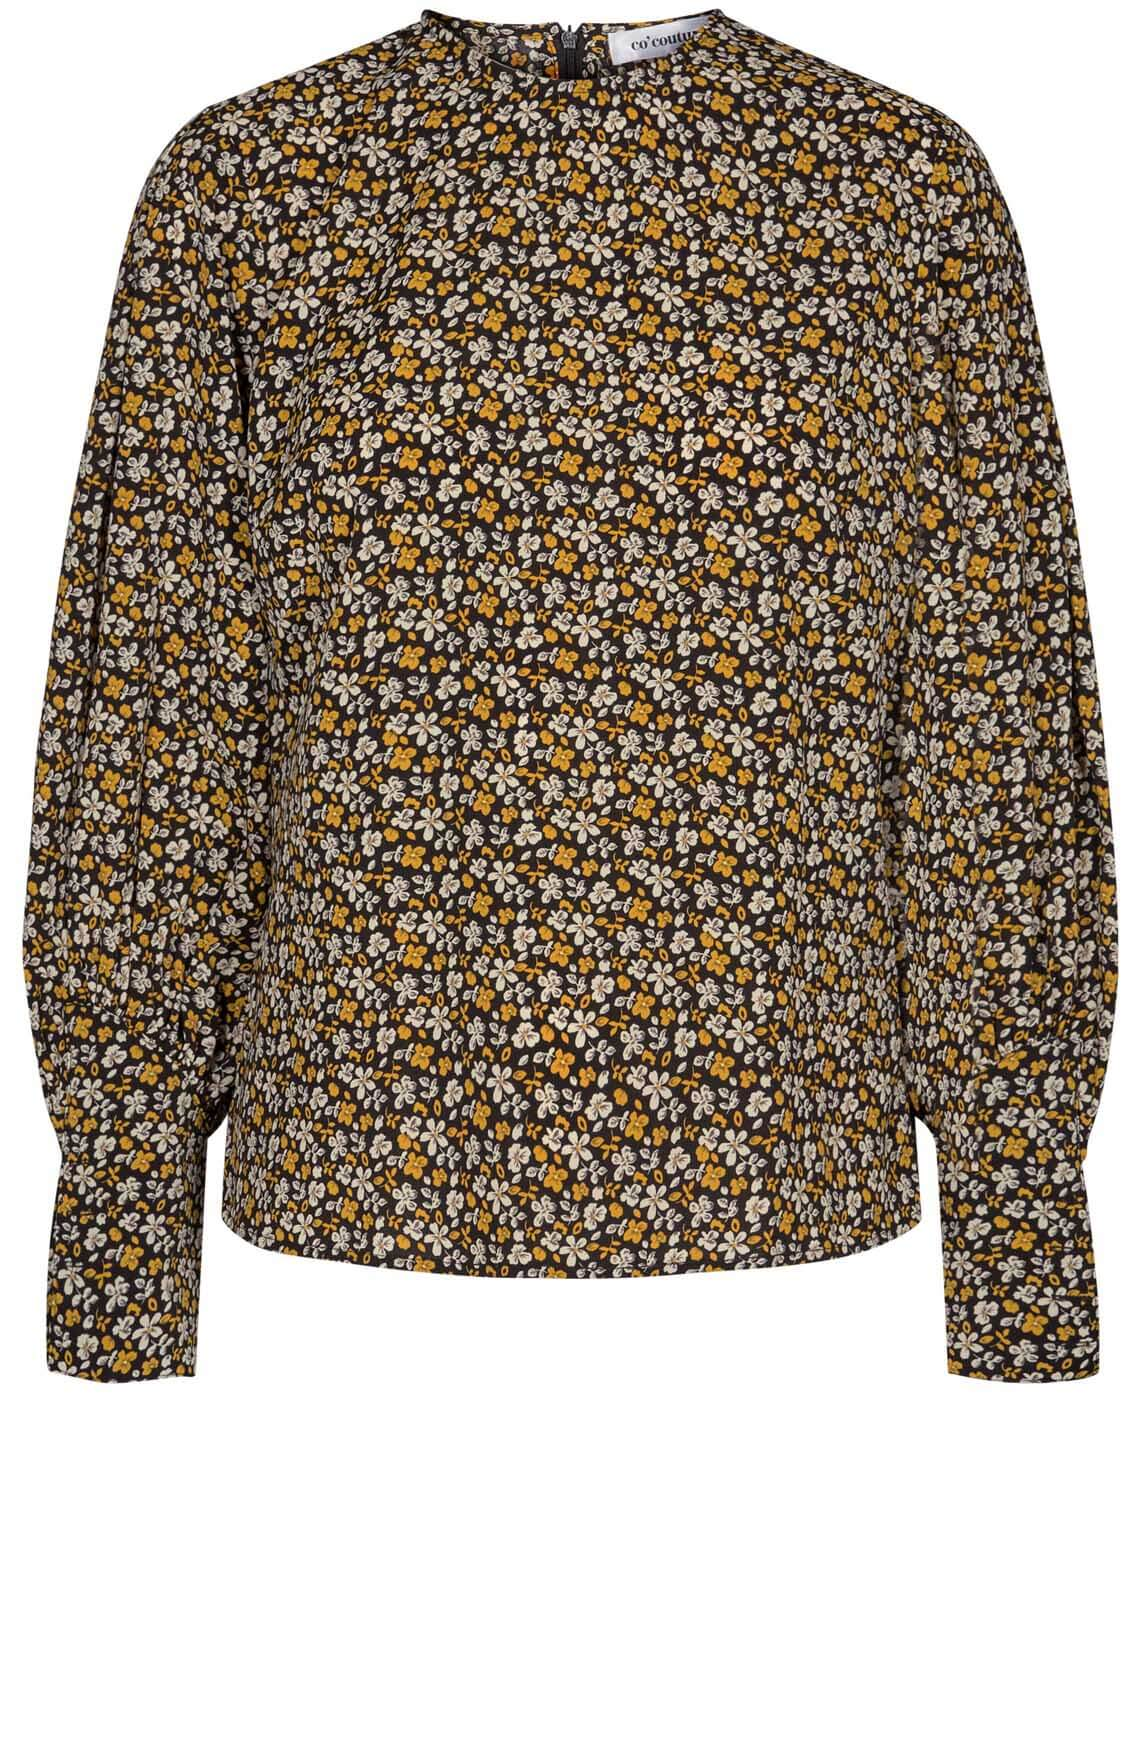 Co Couture Dames Alina blouse zwart